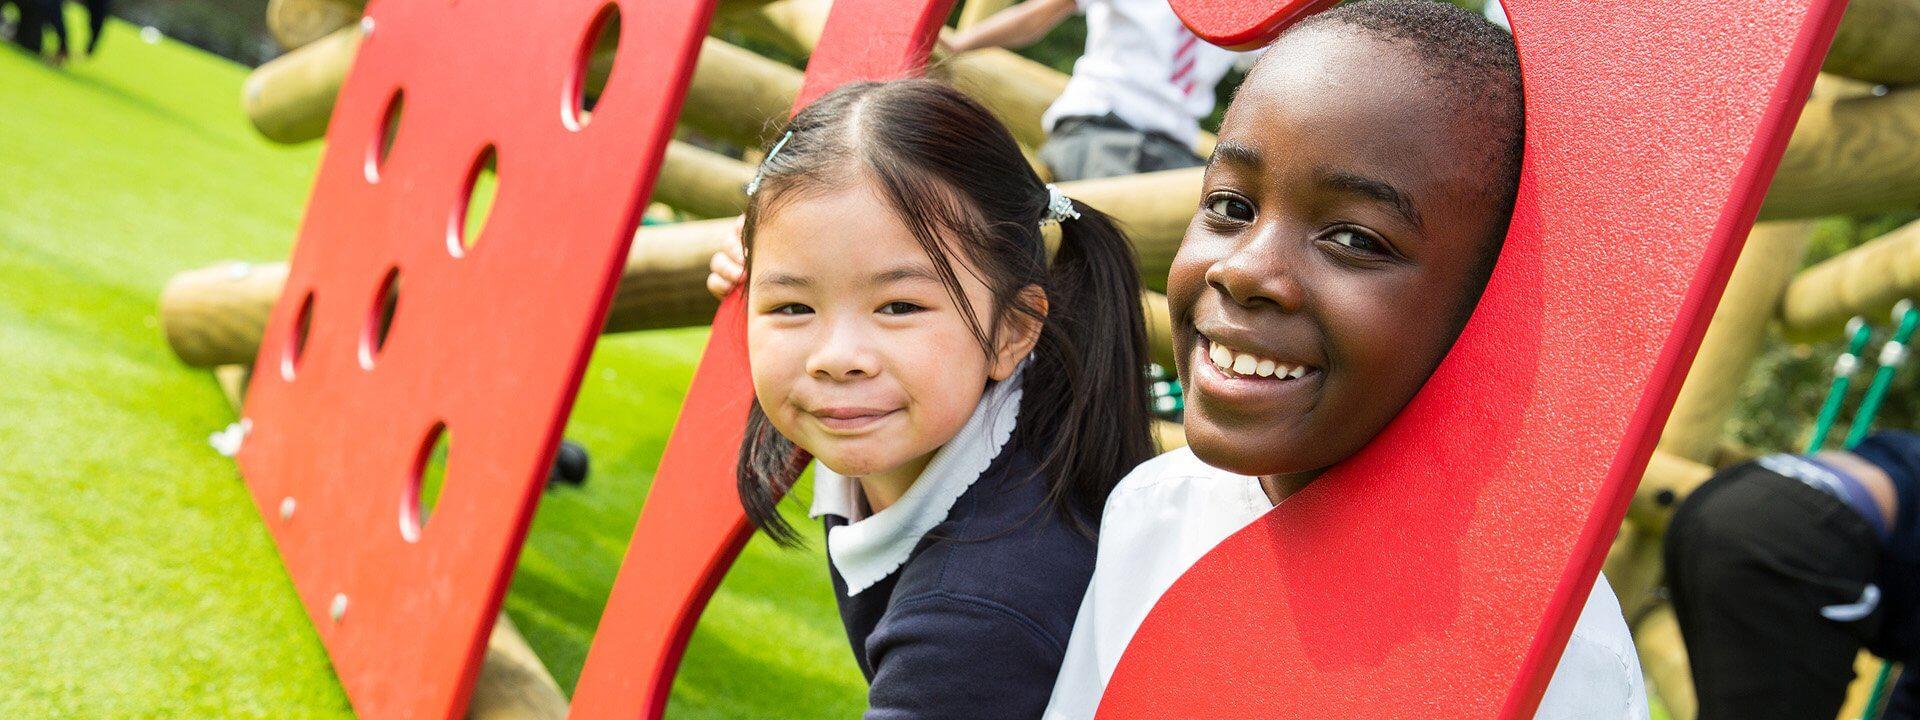 Playground funding